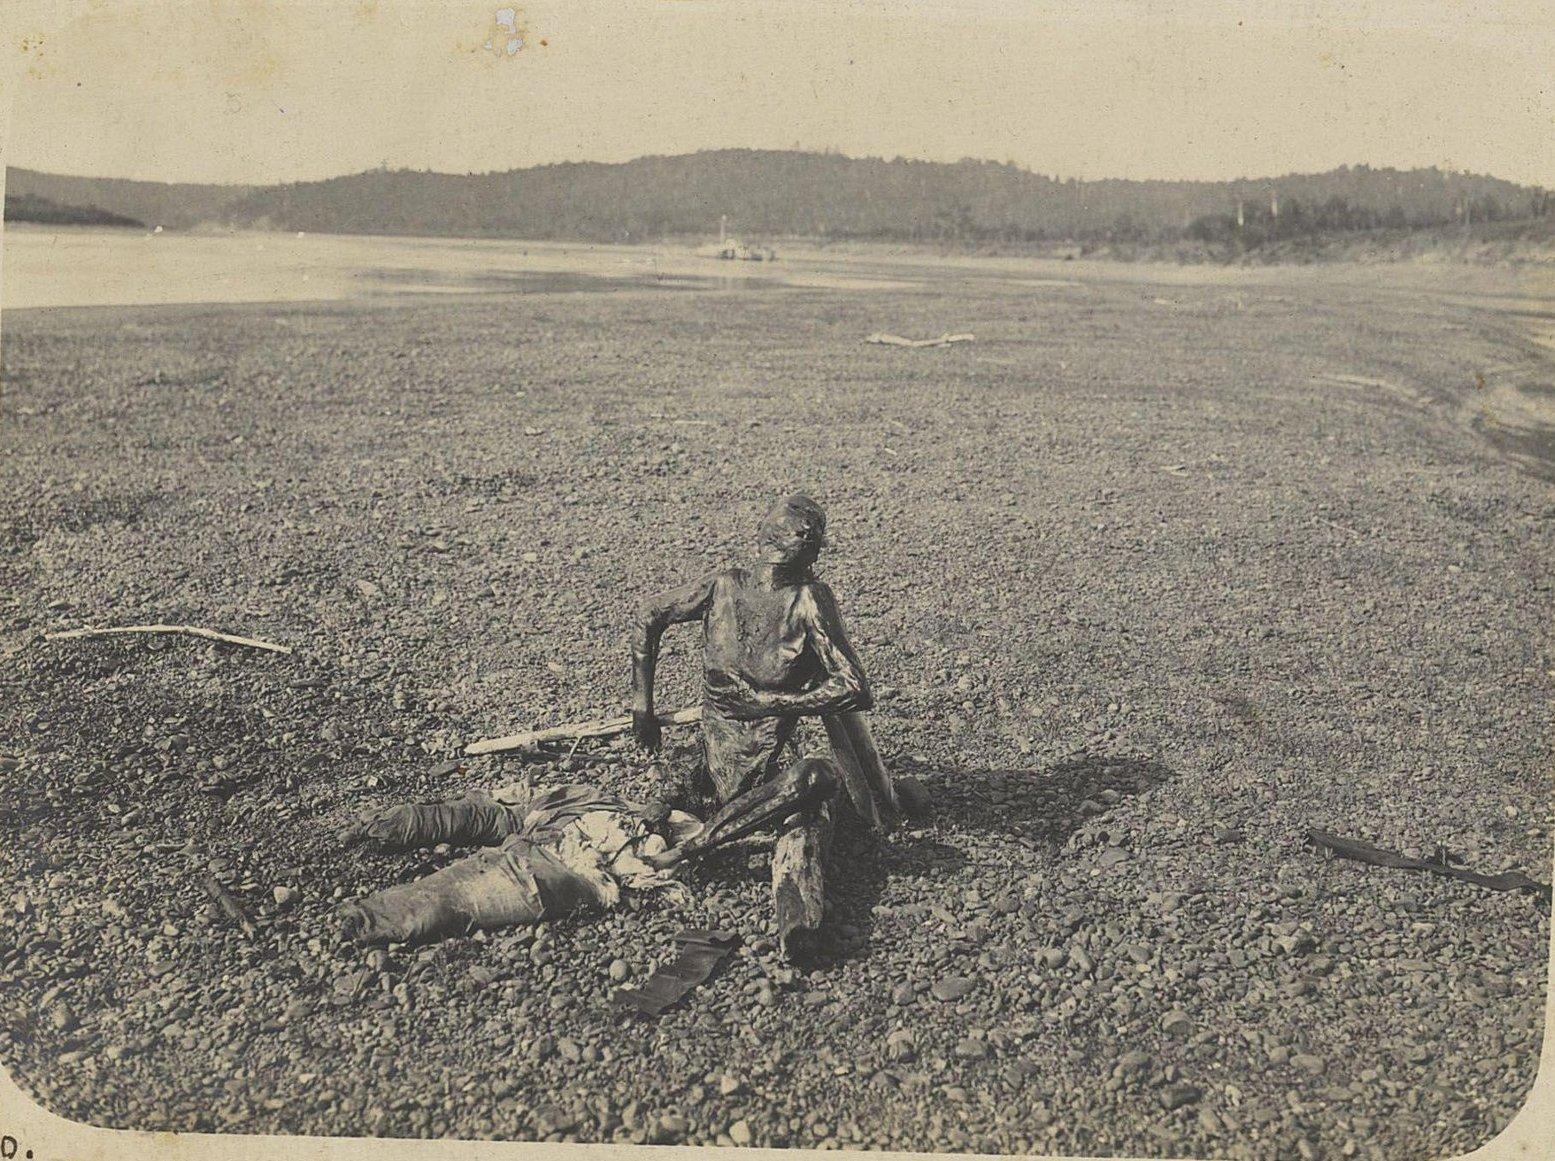 1600. Мумифицированный труп человека на берегу реки («Мёртвый китаец»)